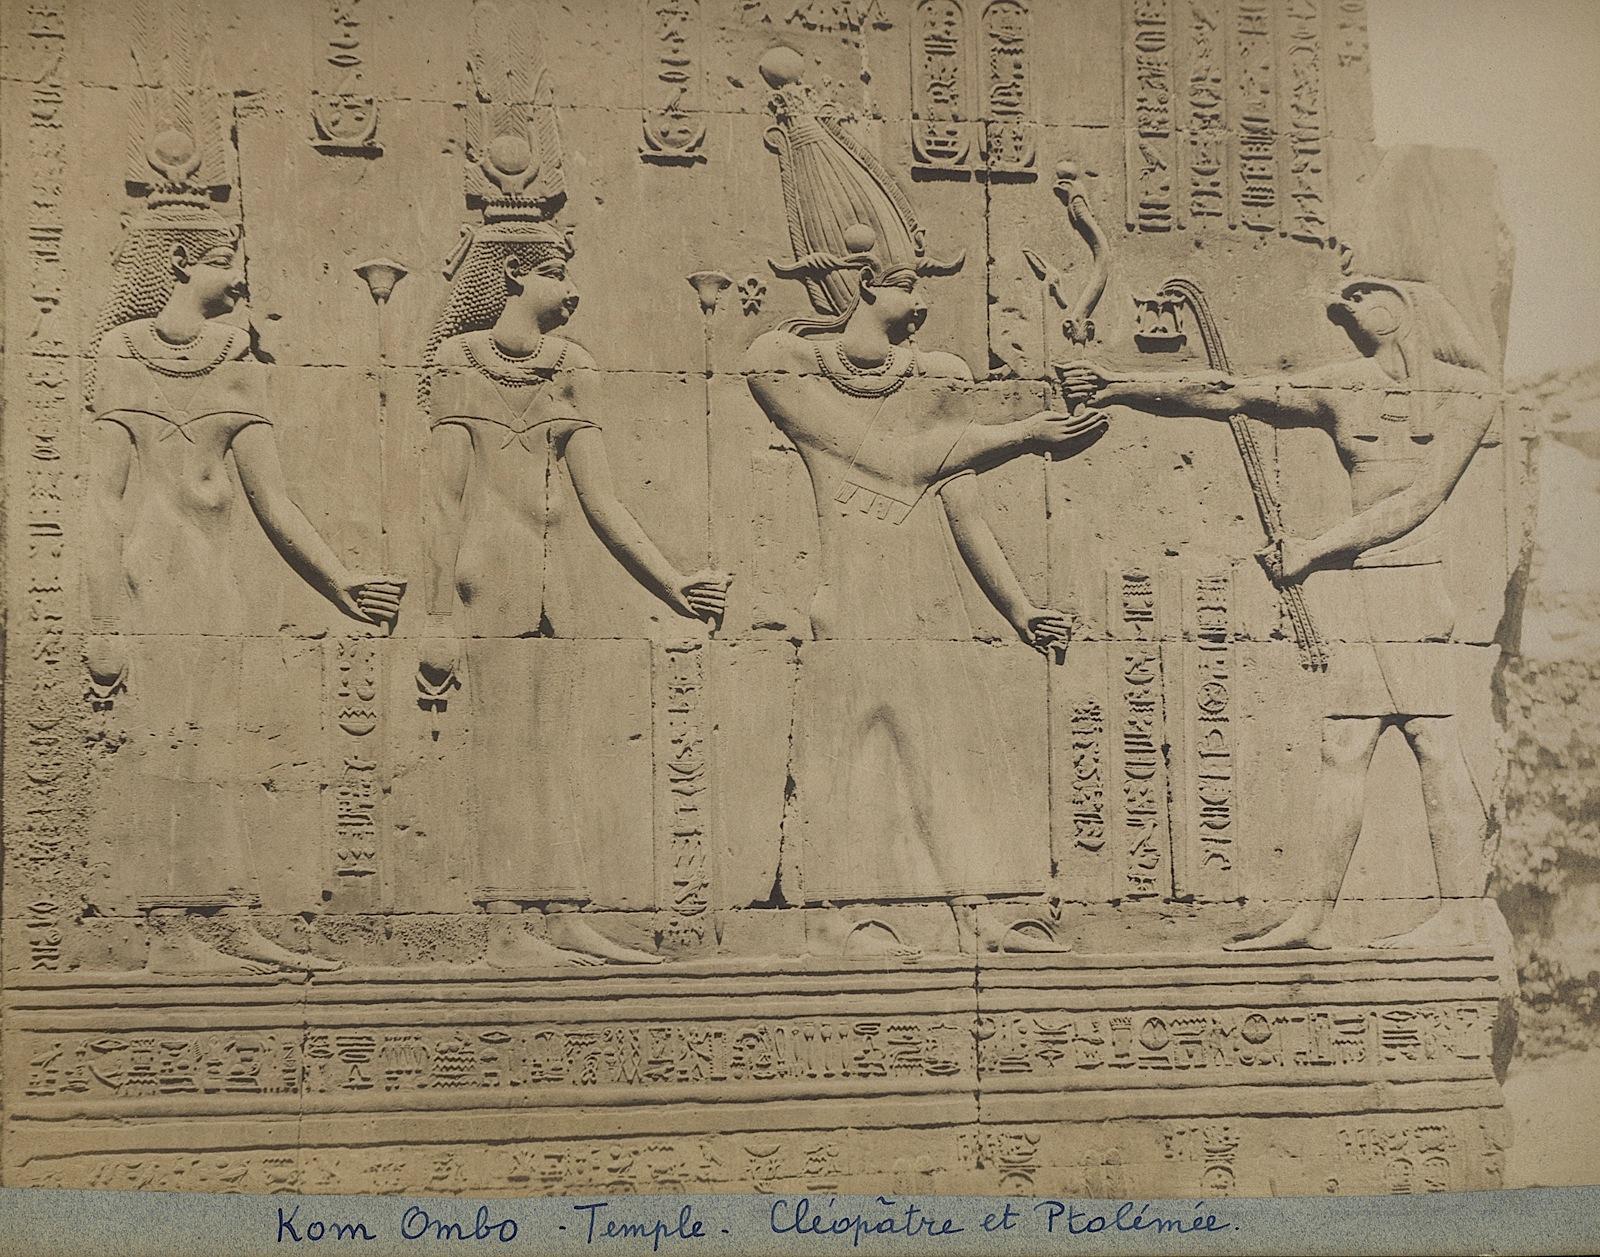 81-Beato-Kom Ombo-Temple-Cleopatre et Ptolémée